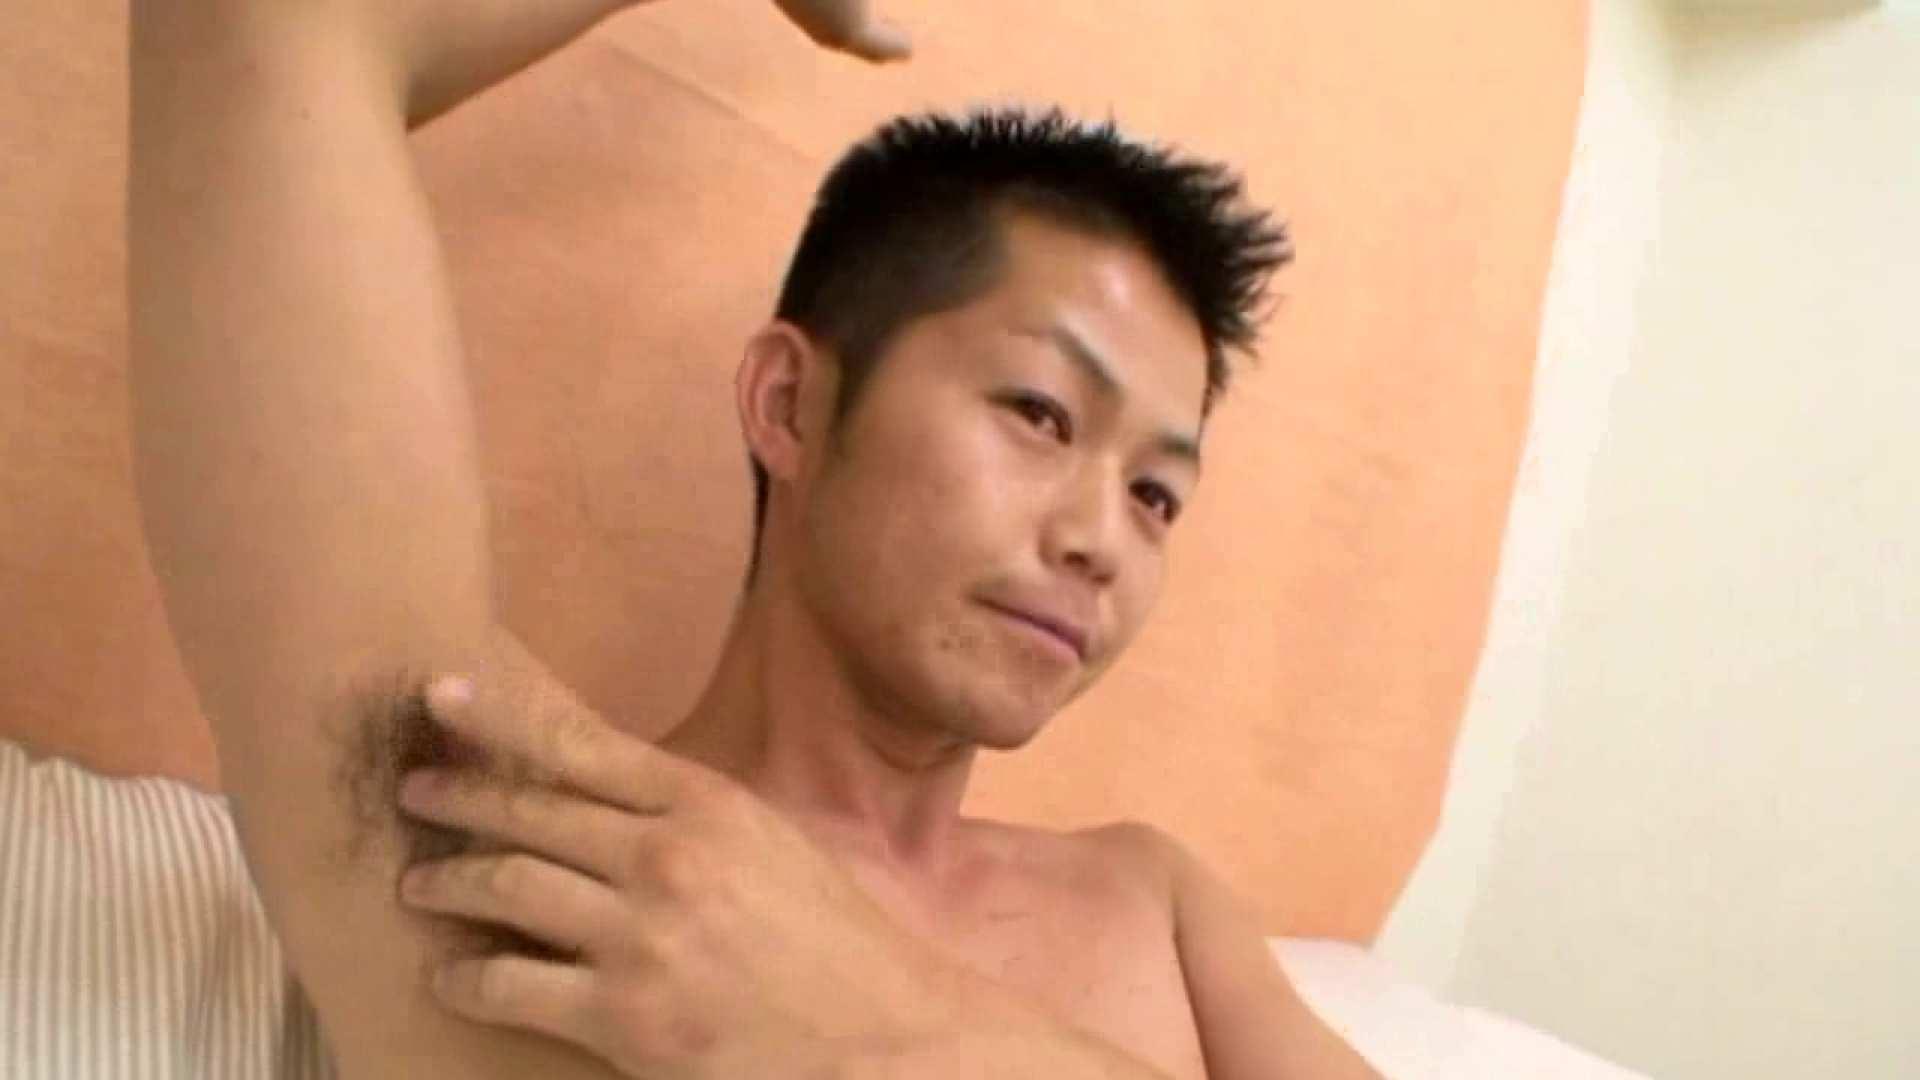 イケメン男子!盛りだくさん! フェラ天国 ゲイ丸見え画像 60pic 24